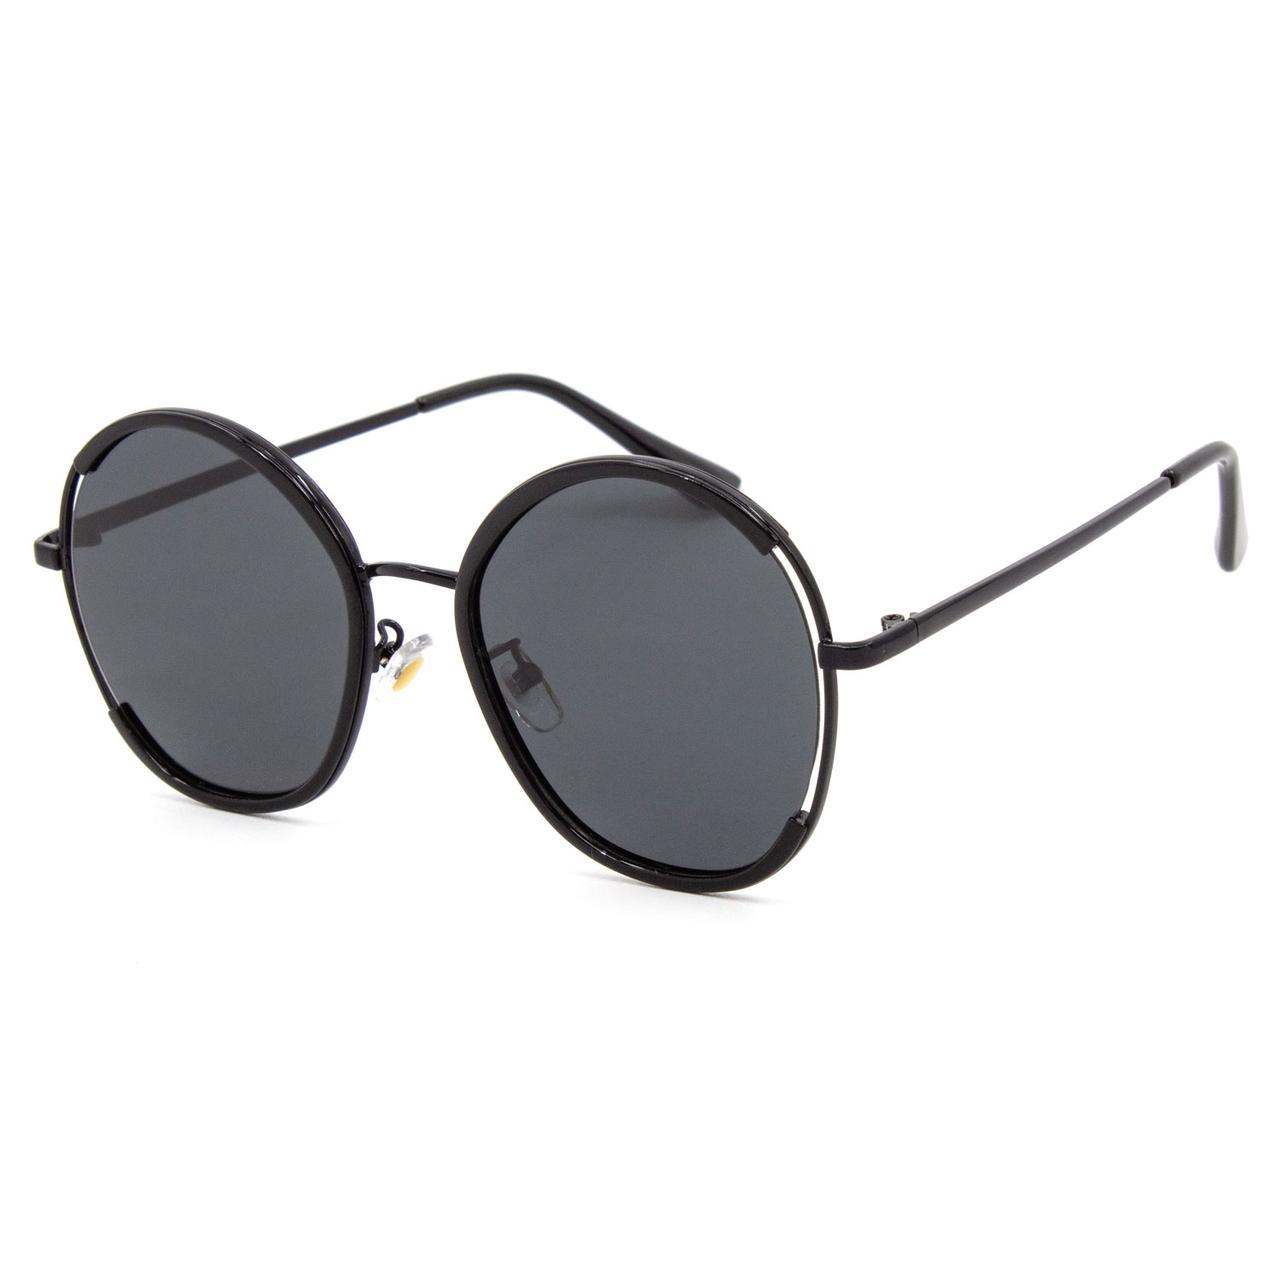 Солнцезащитные очки Marmilen Polar 6345 C1 черные    ( 6345-01 )